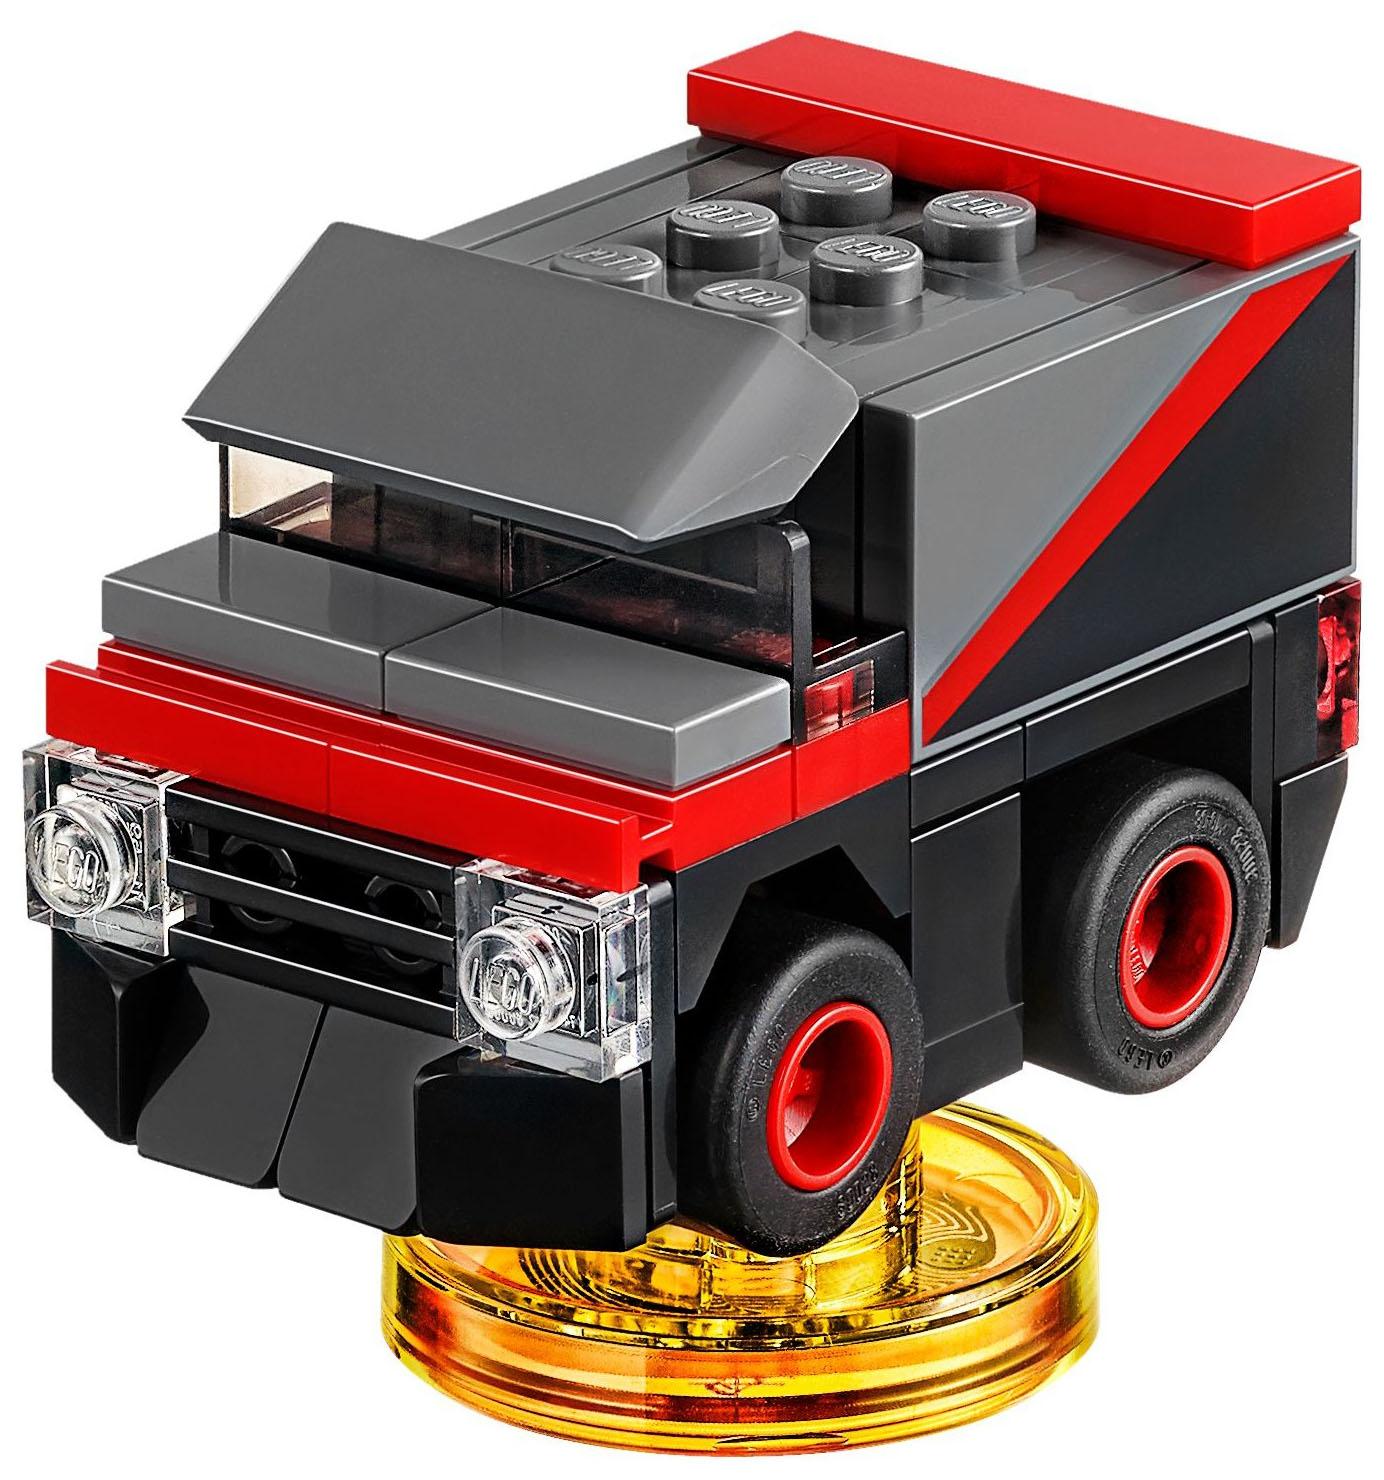 B A S Van Lego Dimensions Wikia Fandom Powered By Wikia